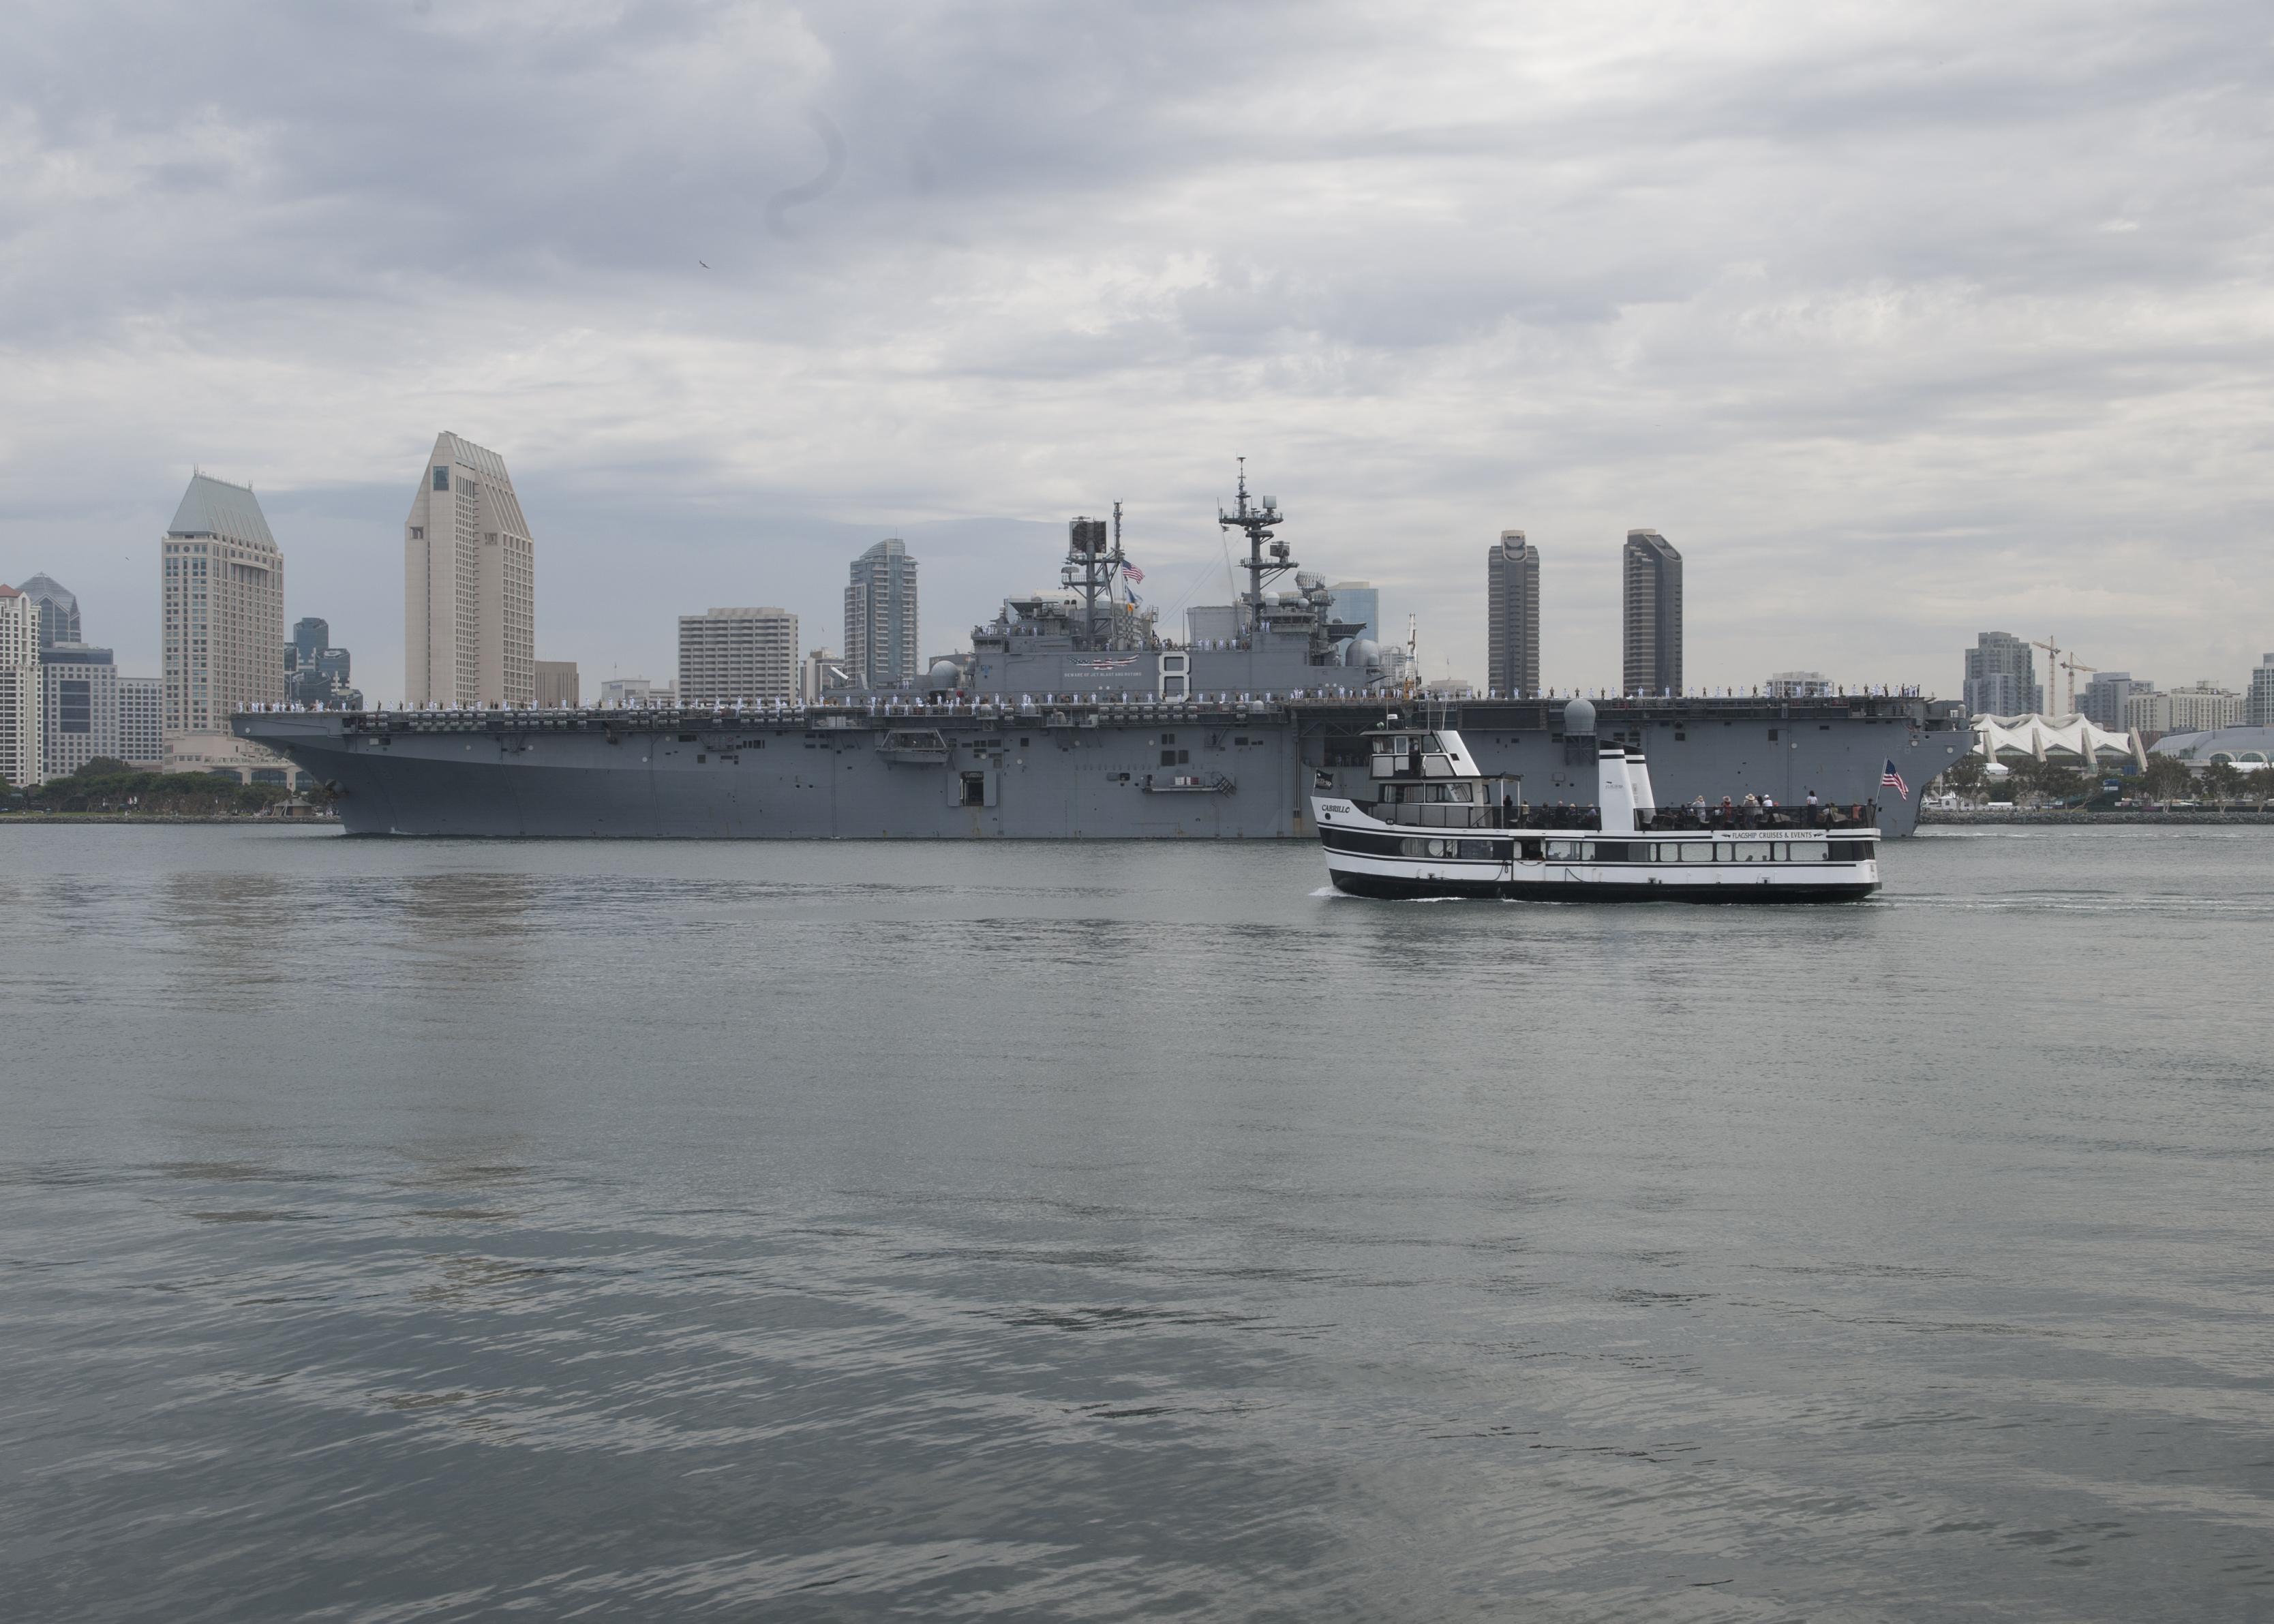 USS MAKIN ISLAND LHD-8 Auslaufen San Diego am 25.07.2014 Bild: U.S. Navy